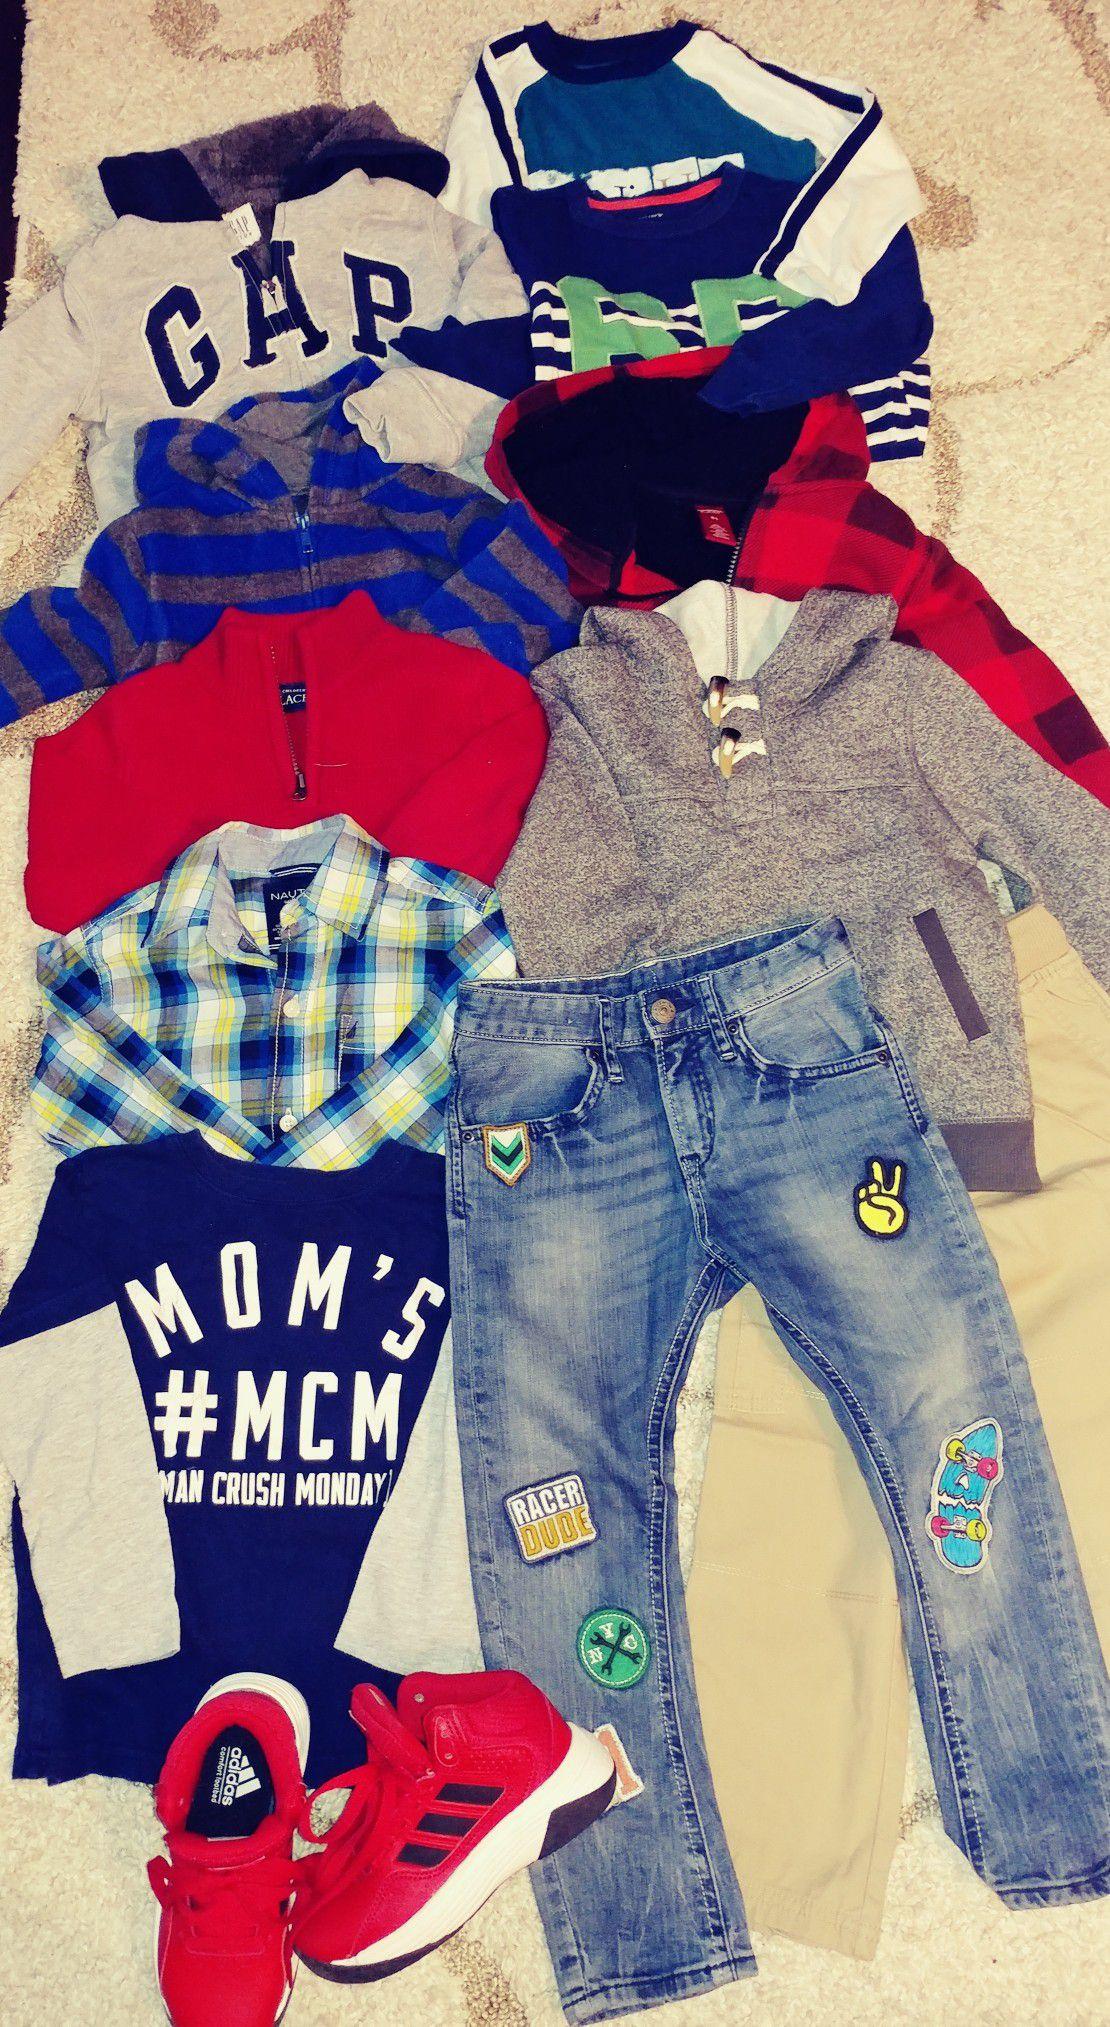 Boy's clothing size 4